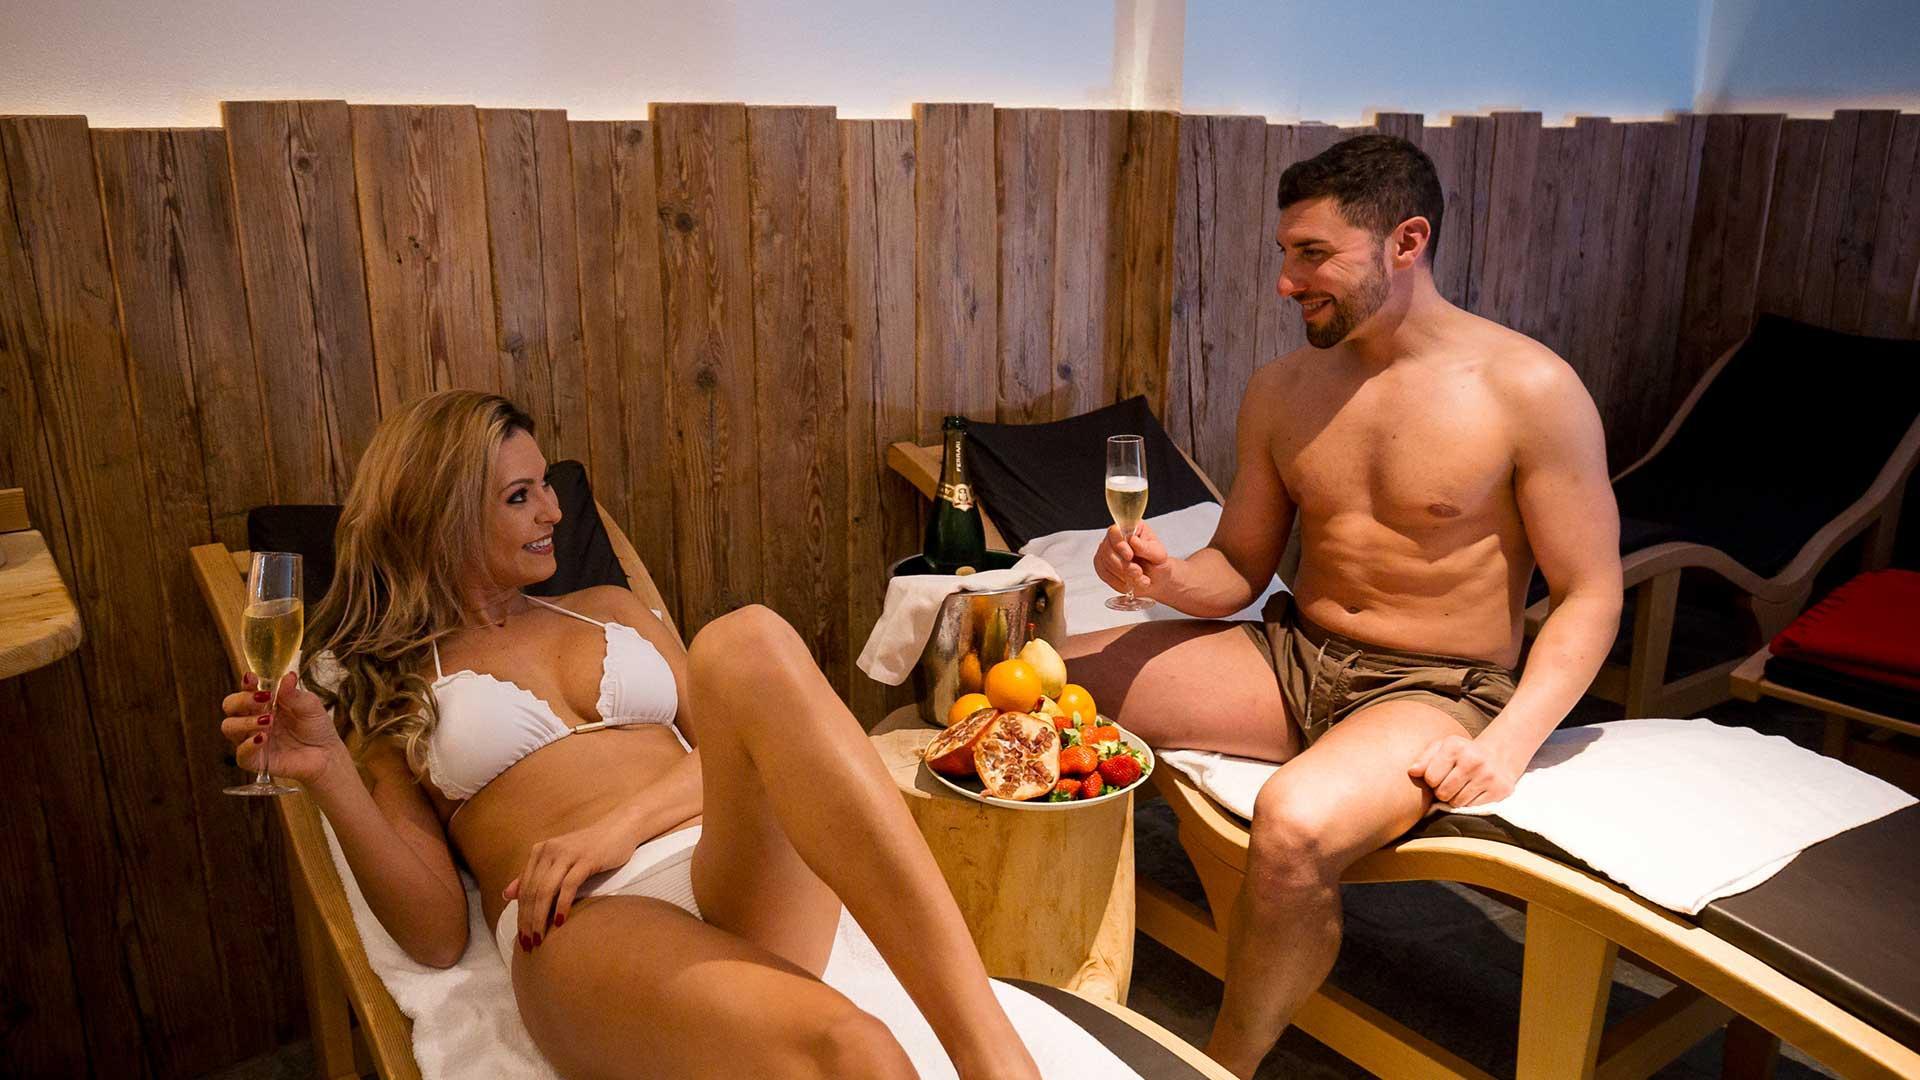 Chalet-con-centro-benessere-Madonna-di-Campiglio Chalet-Fogajard Vacanza-relax-Trentino1